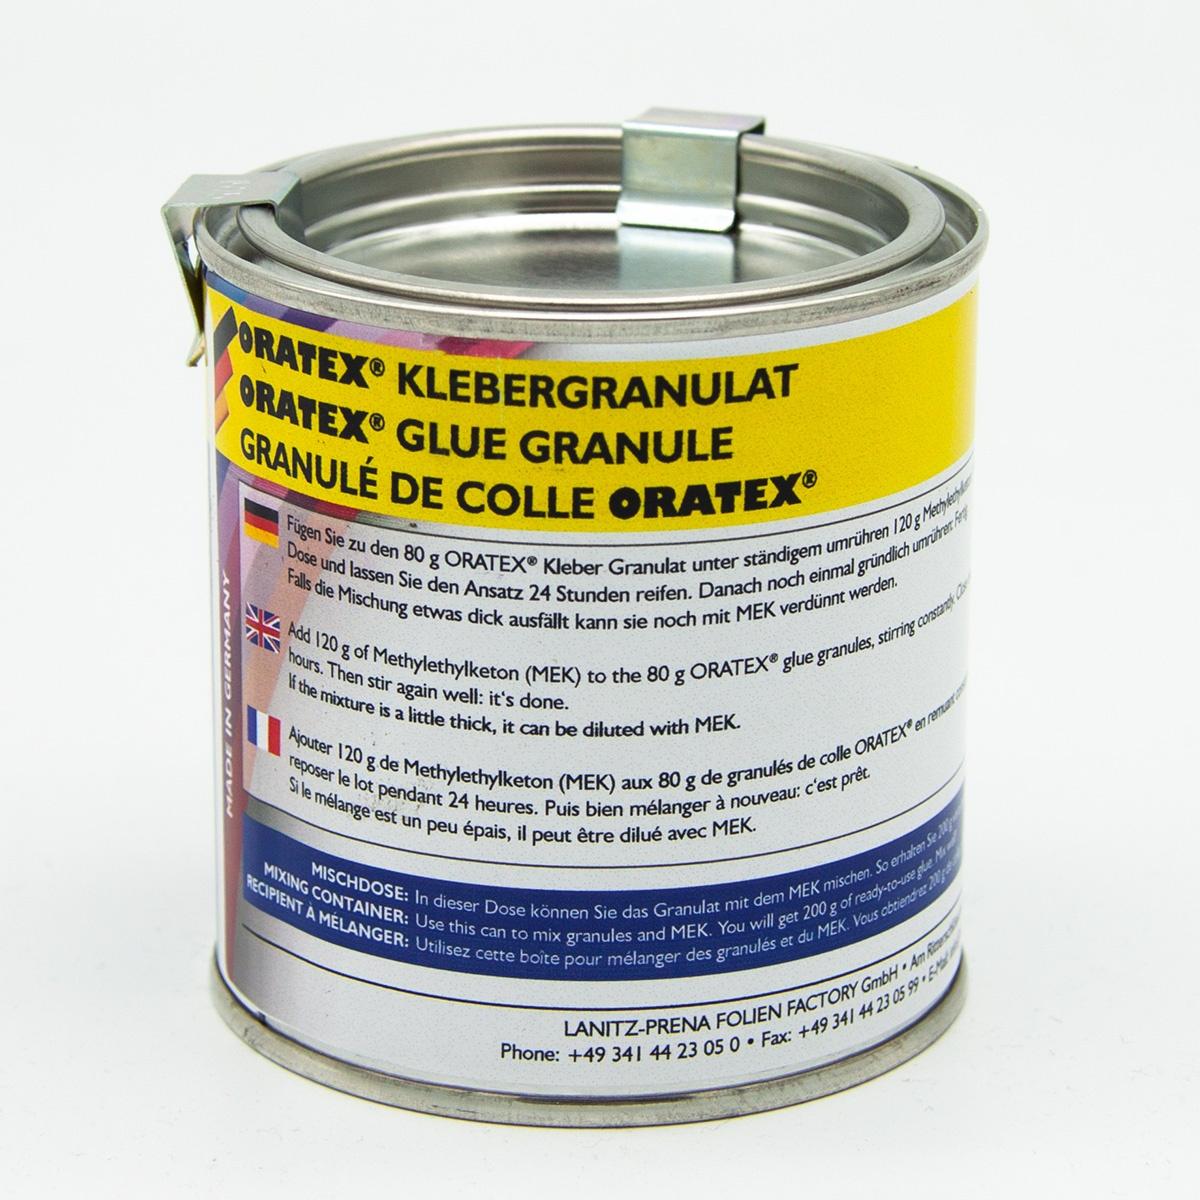 ORACOVER Glue granules